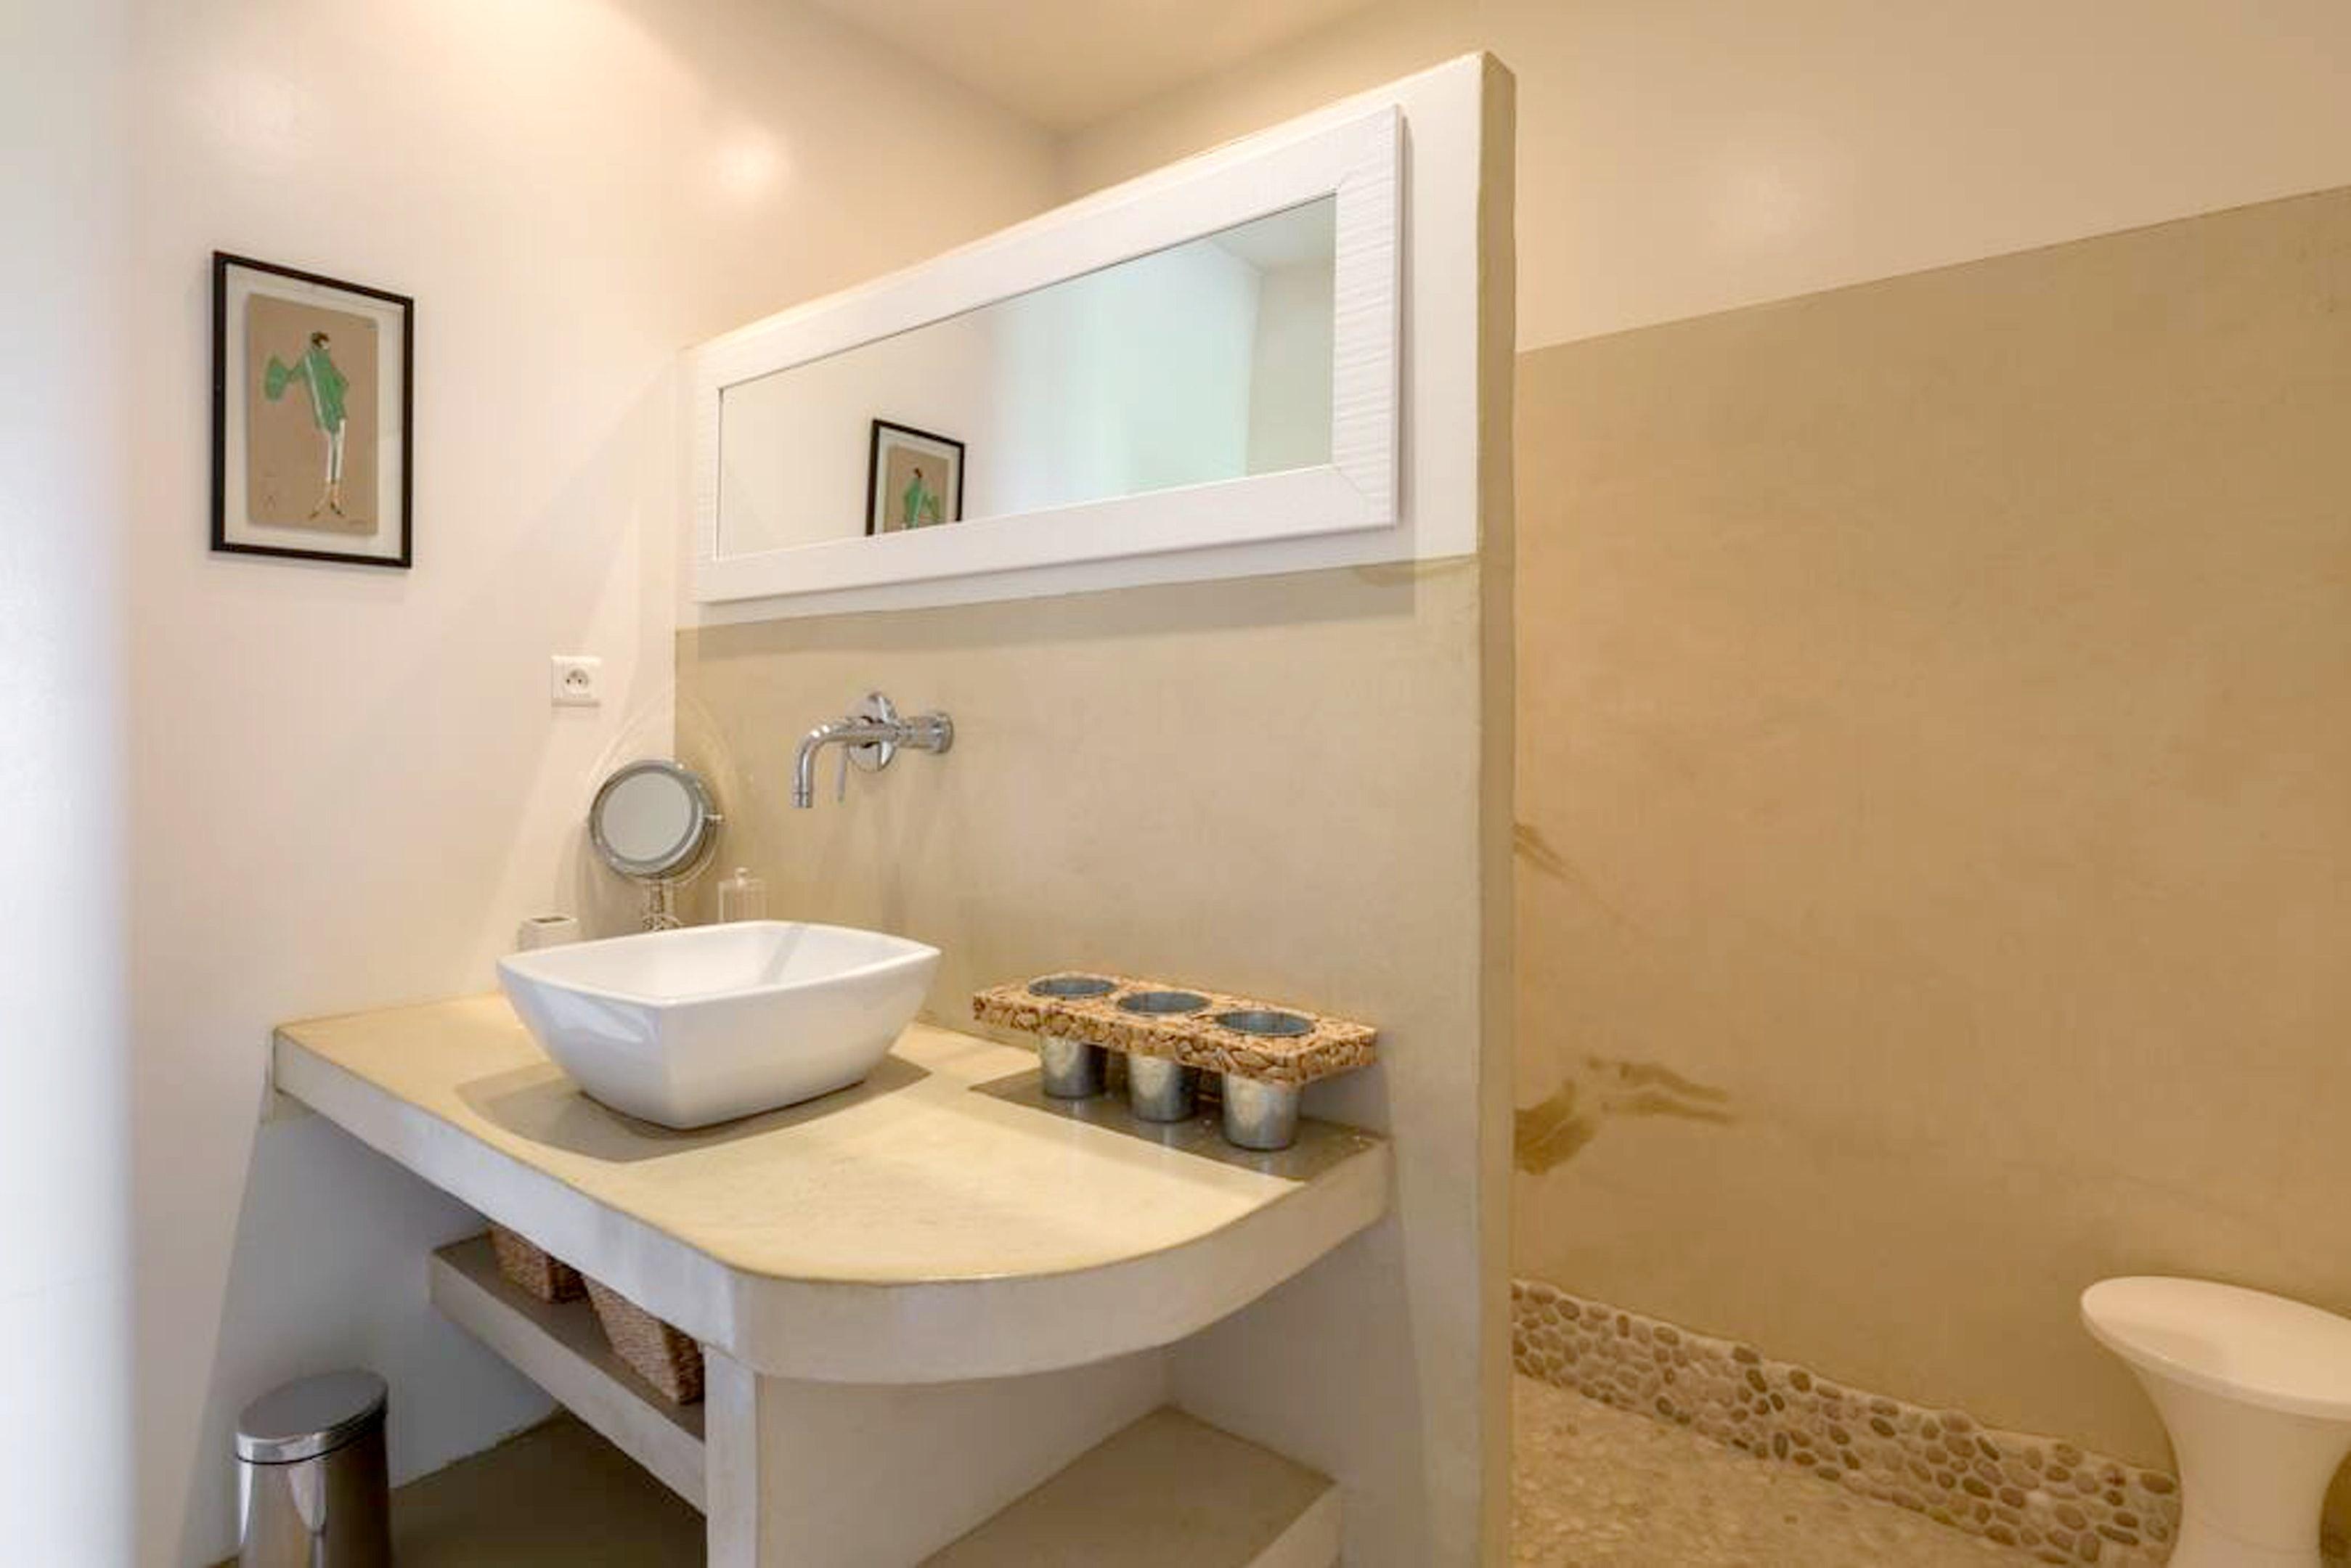 Maison de vacances Villa mit 6 Schlafzimmern in L'Isle-sur-la-Sorgue mit privatem Pool, möbliertem Garten und (2647203), L'Isle sur la Sorgue, Vaucluse, Provence - Alpes - Côte d'Azur, France, image 15